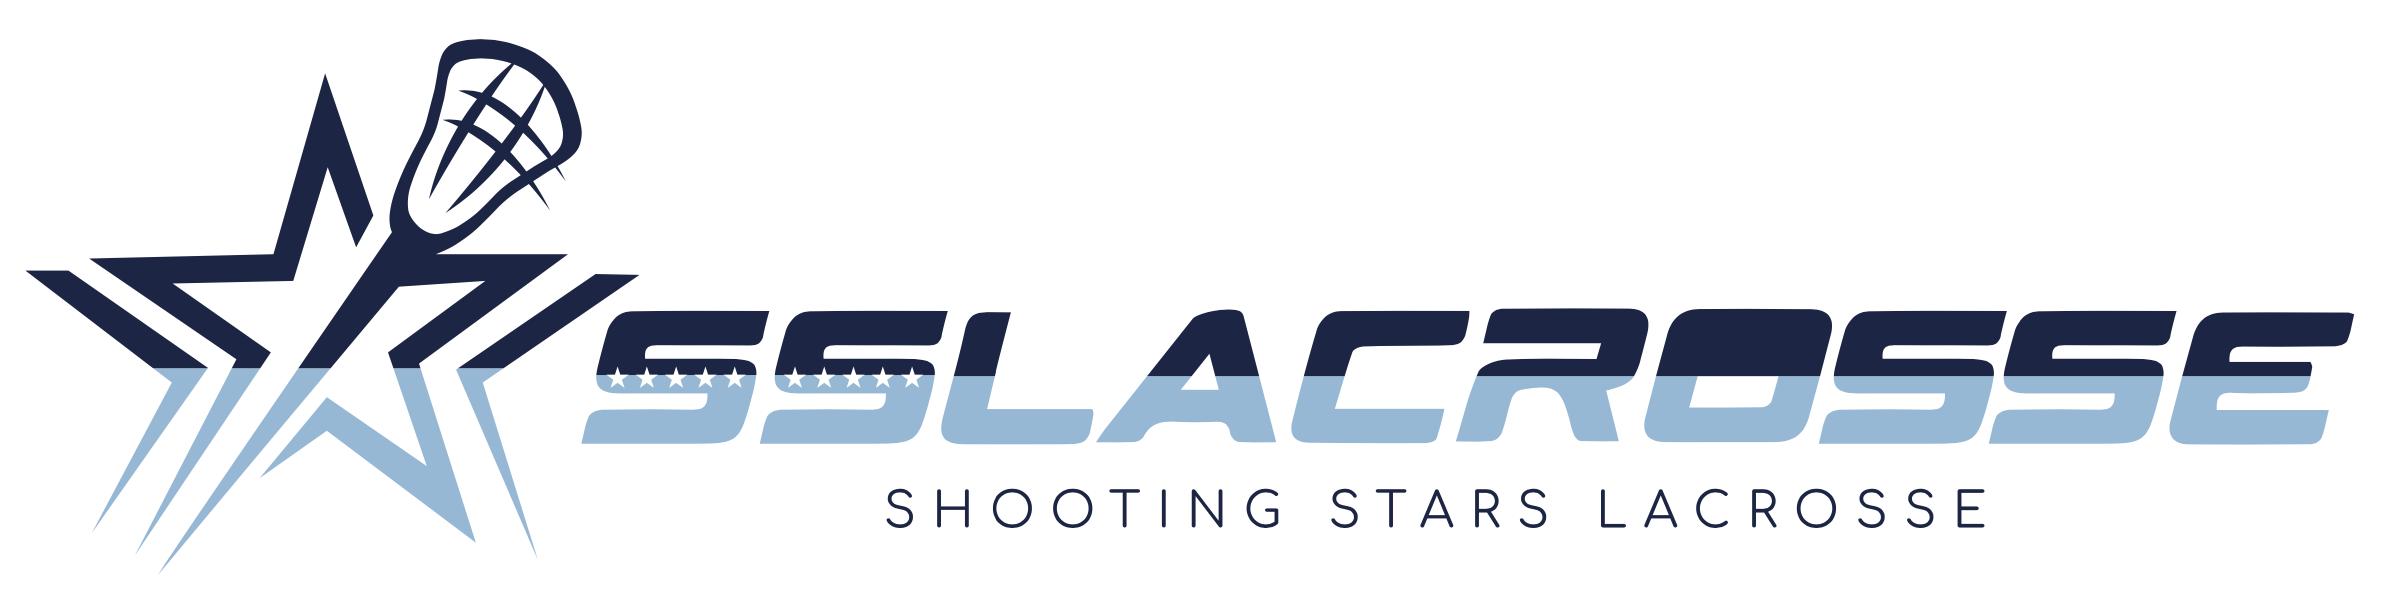 SSlacrosse logo